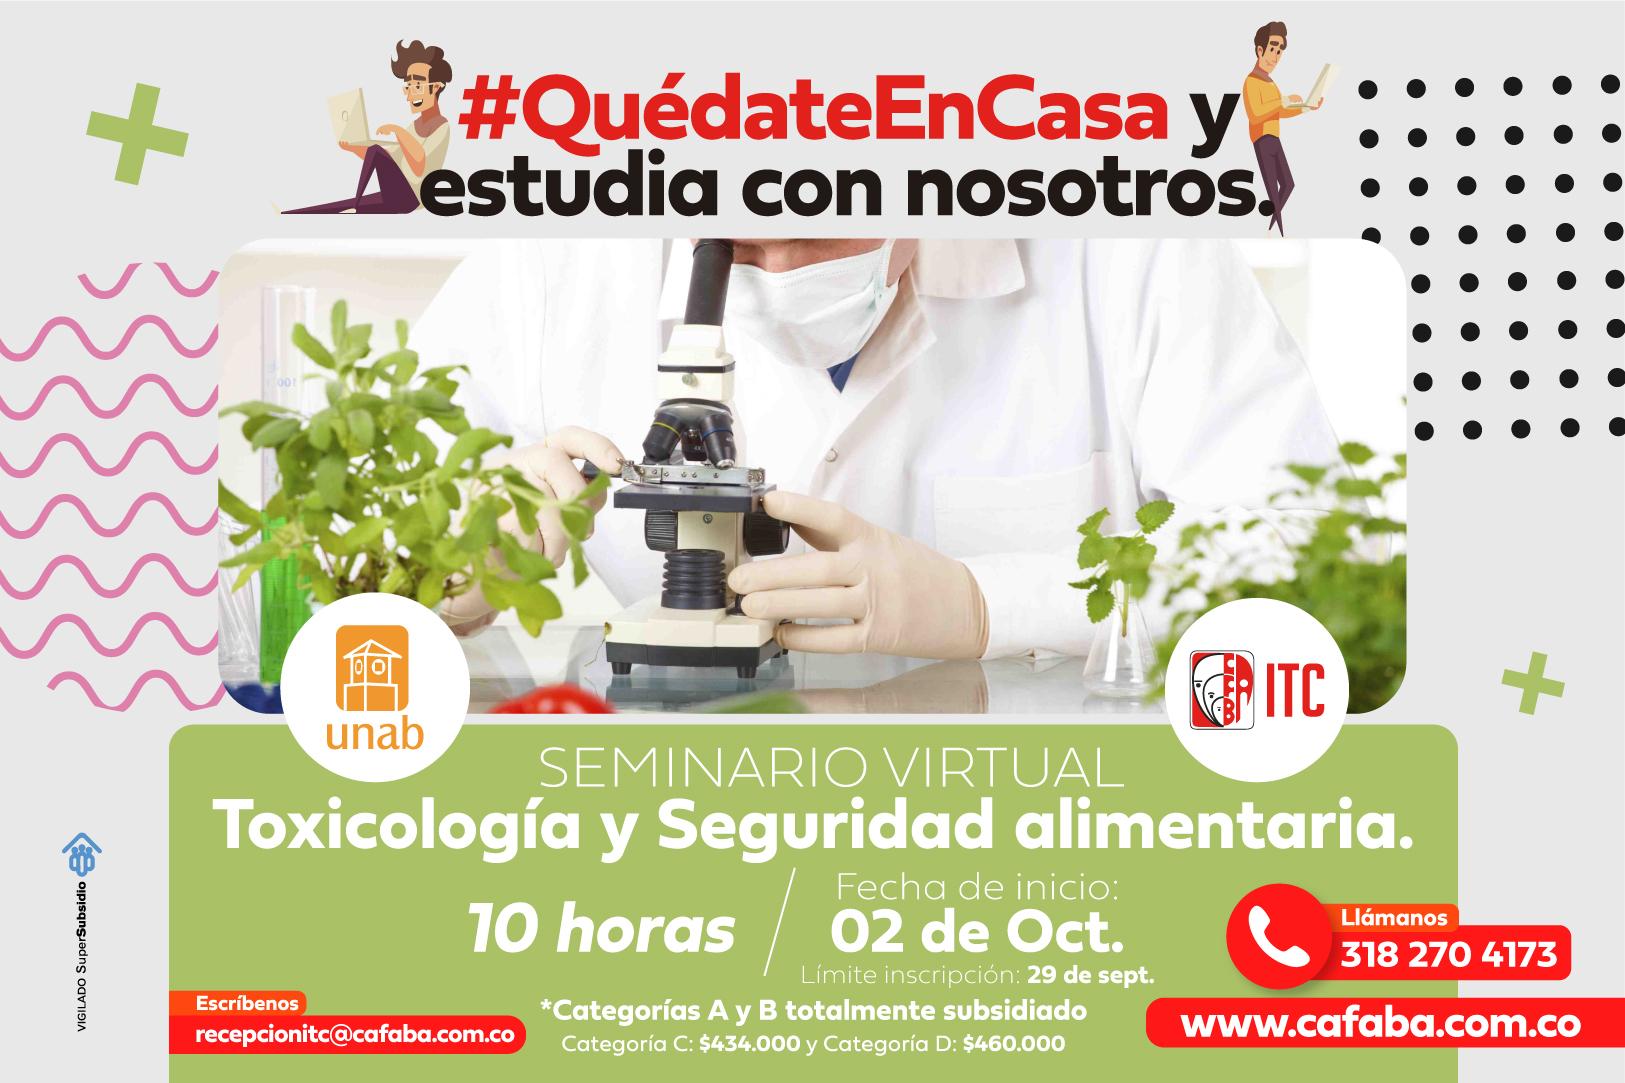 TOXICOLOGÍA-Y-SEGURIDAD-ALIMENTARIA